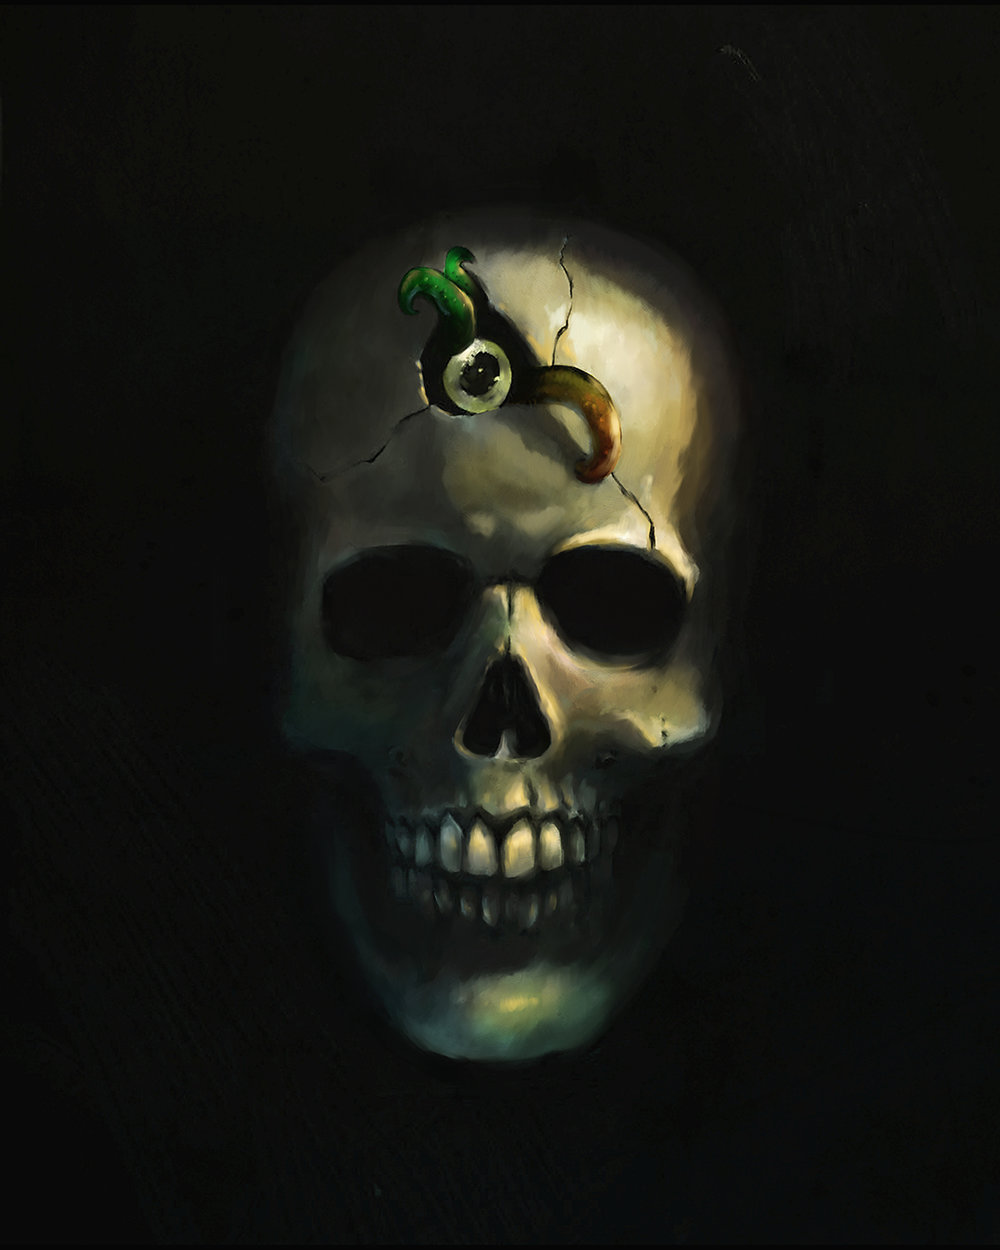 skull_eye_FINAL_002.jpg